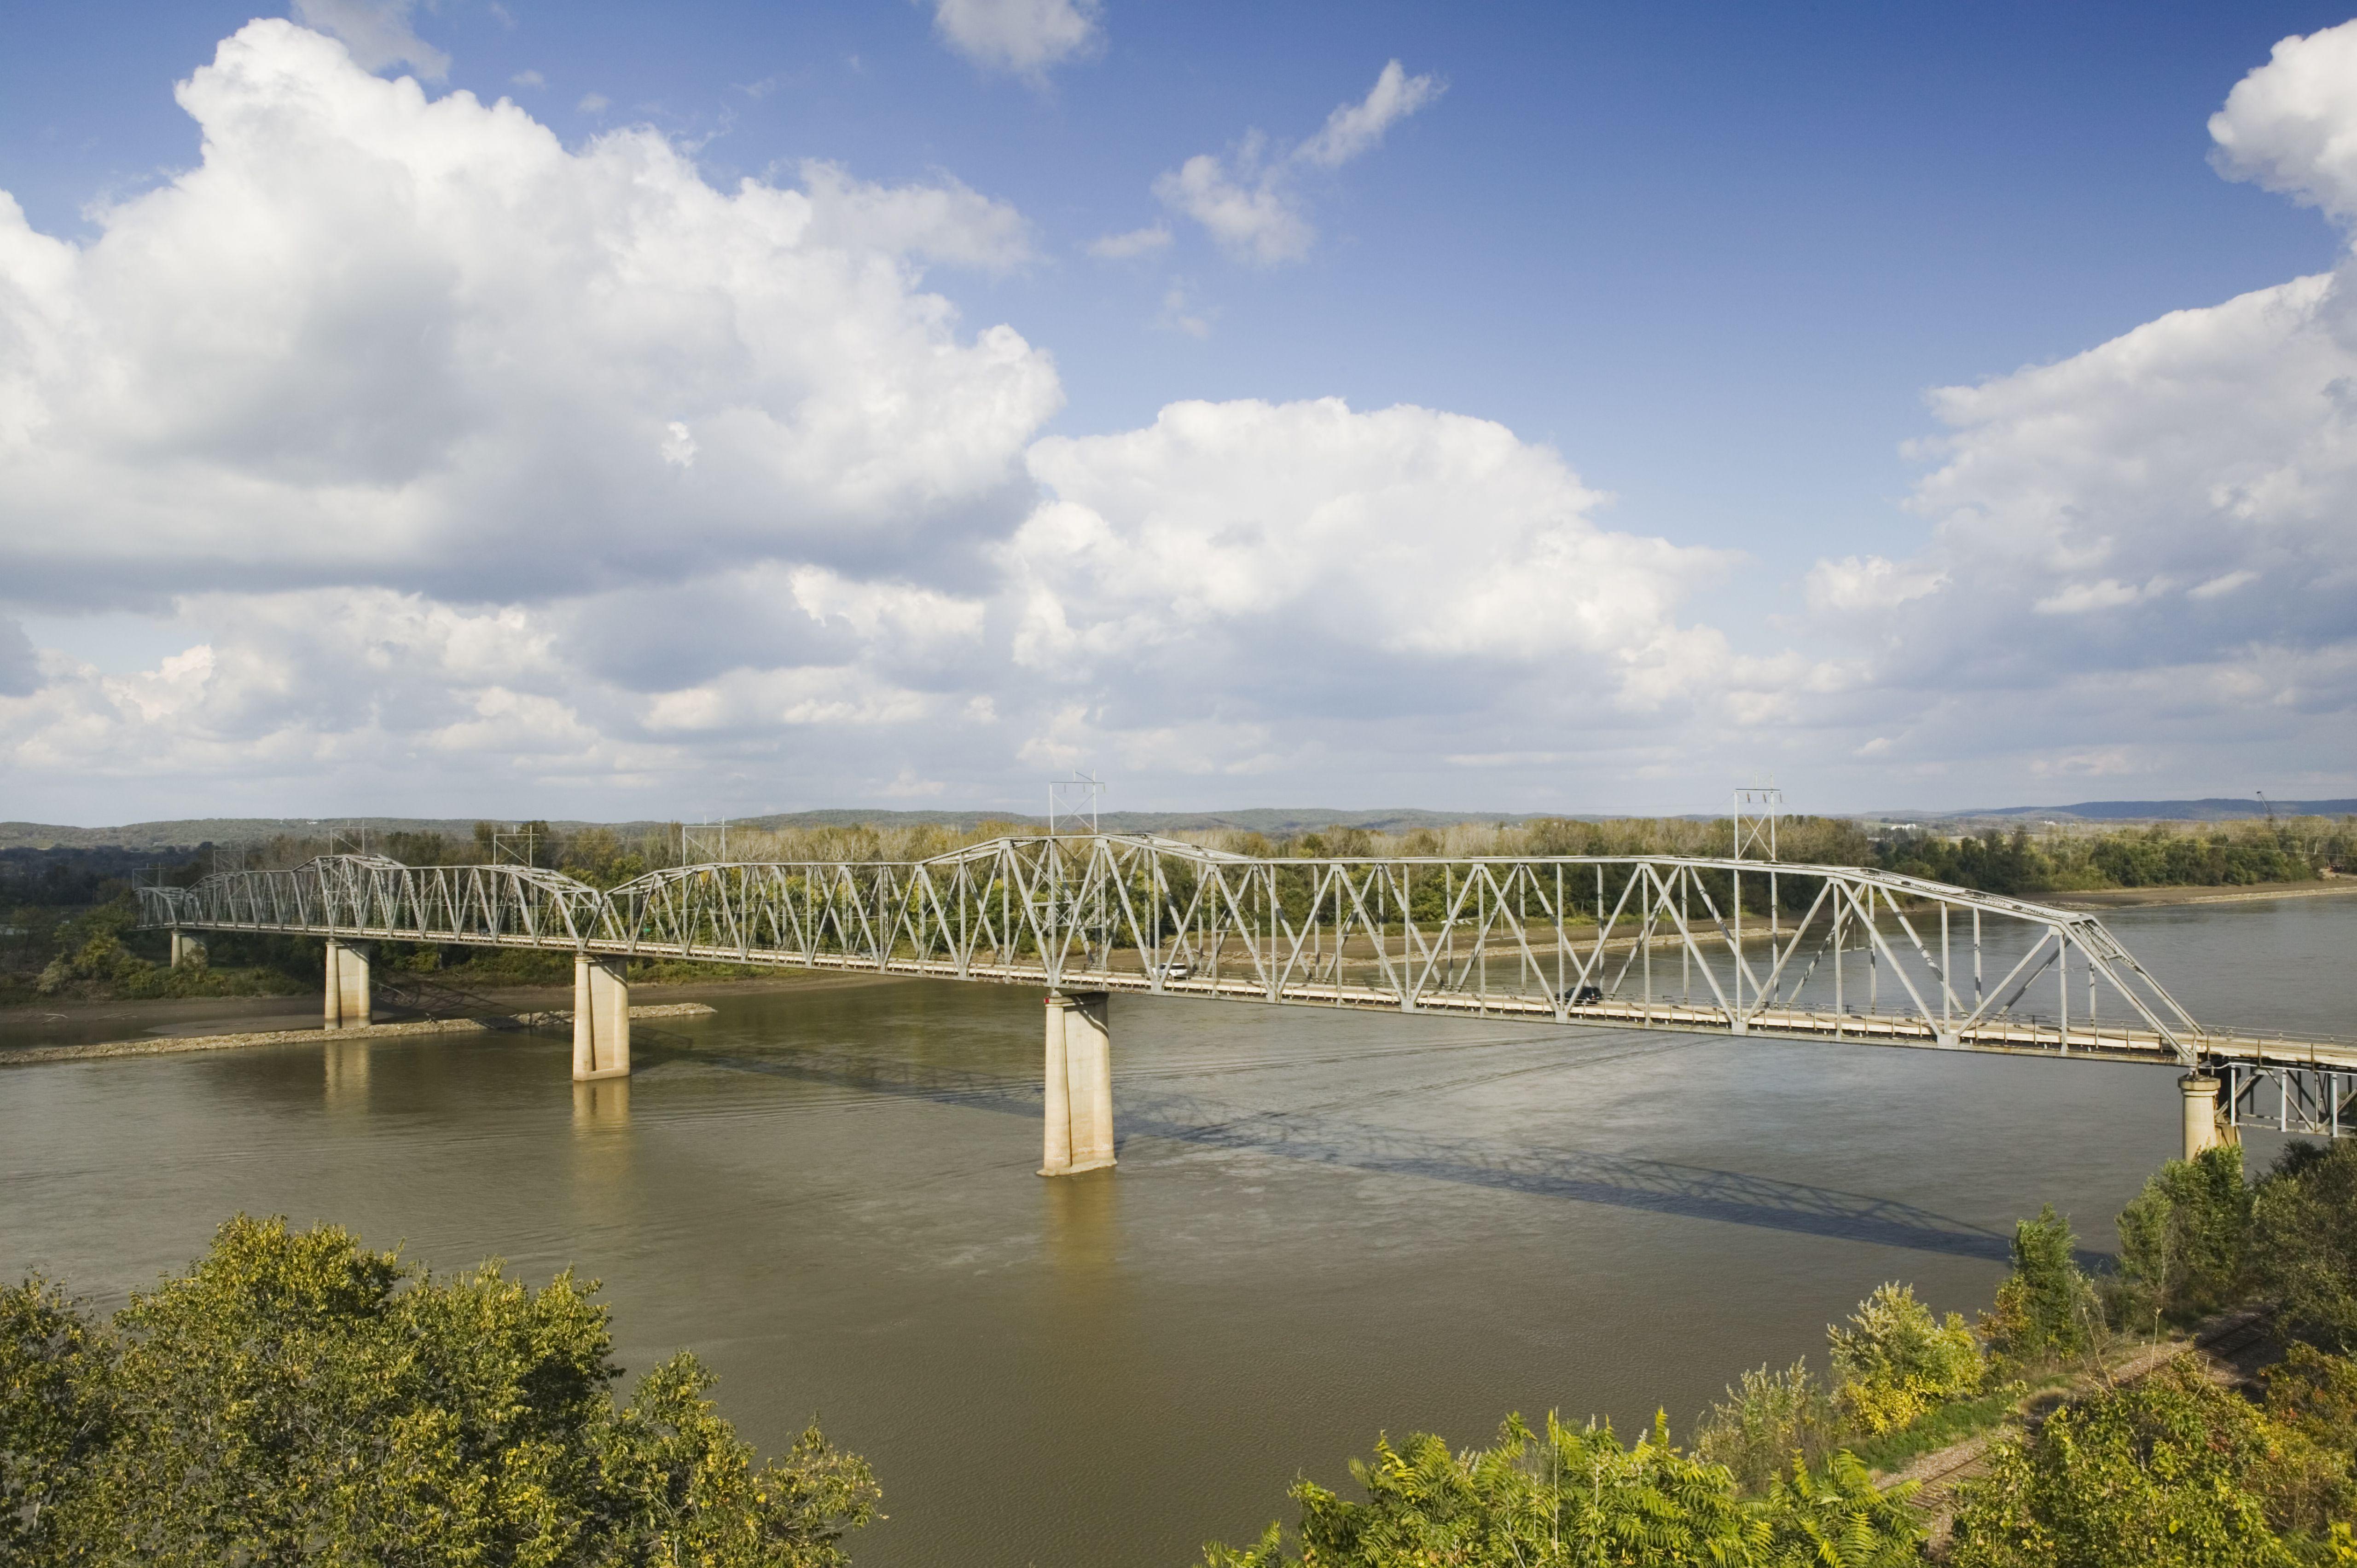 Puente sobre el río en Hermann missouri